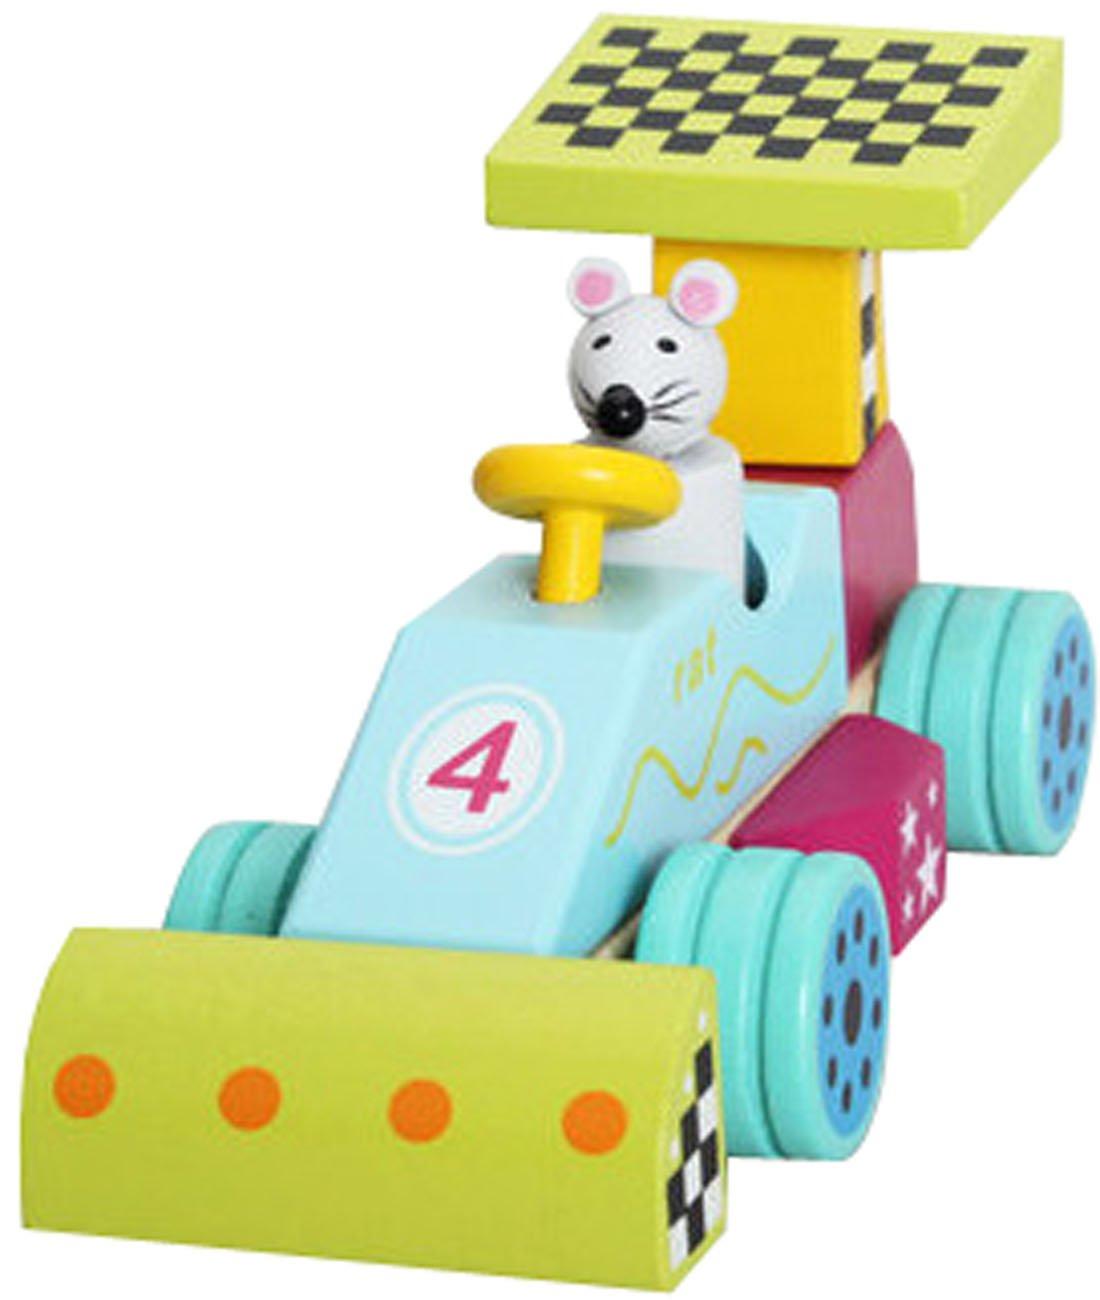 ナット組み合わせブロック車、子供のおもちゃ車、漫画動物モデルデザイン   B00NODW3LO